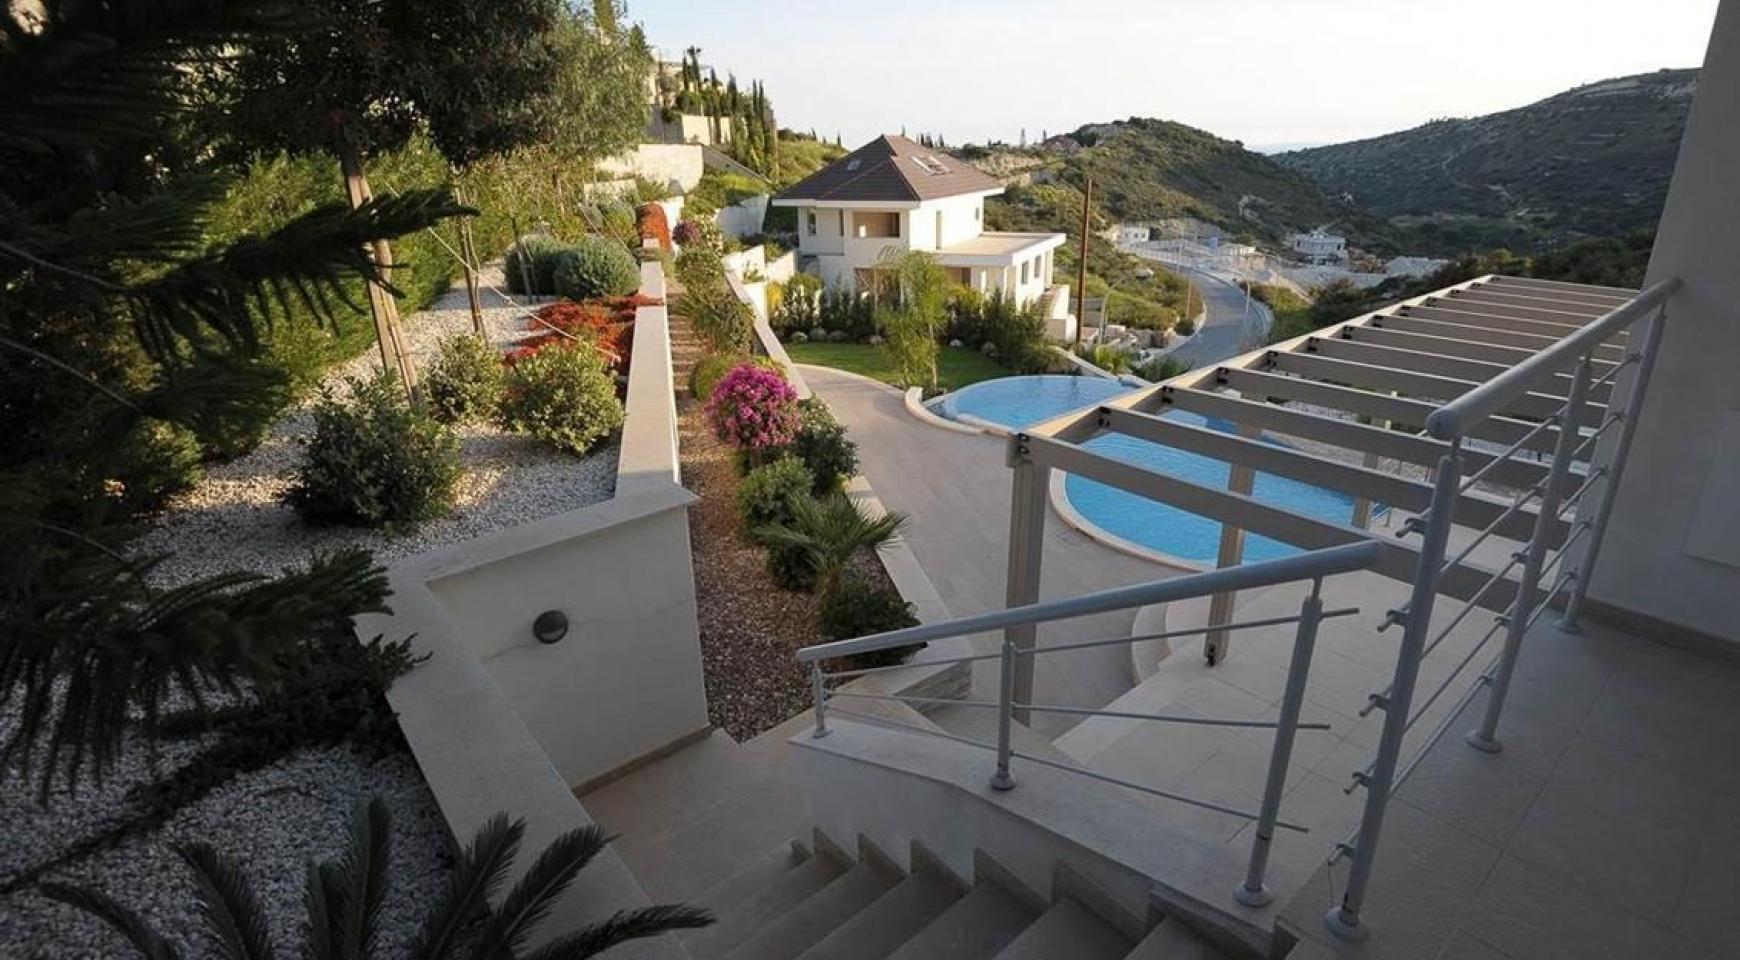 Новая Элитная 5-Спальная Вилла с Изумительными Видами в Районе  Agios Tychonas - 1